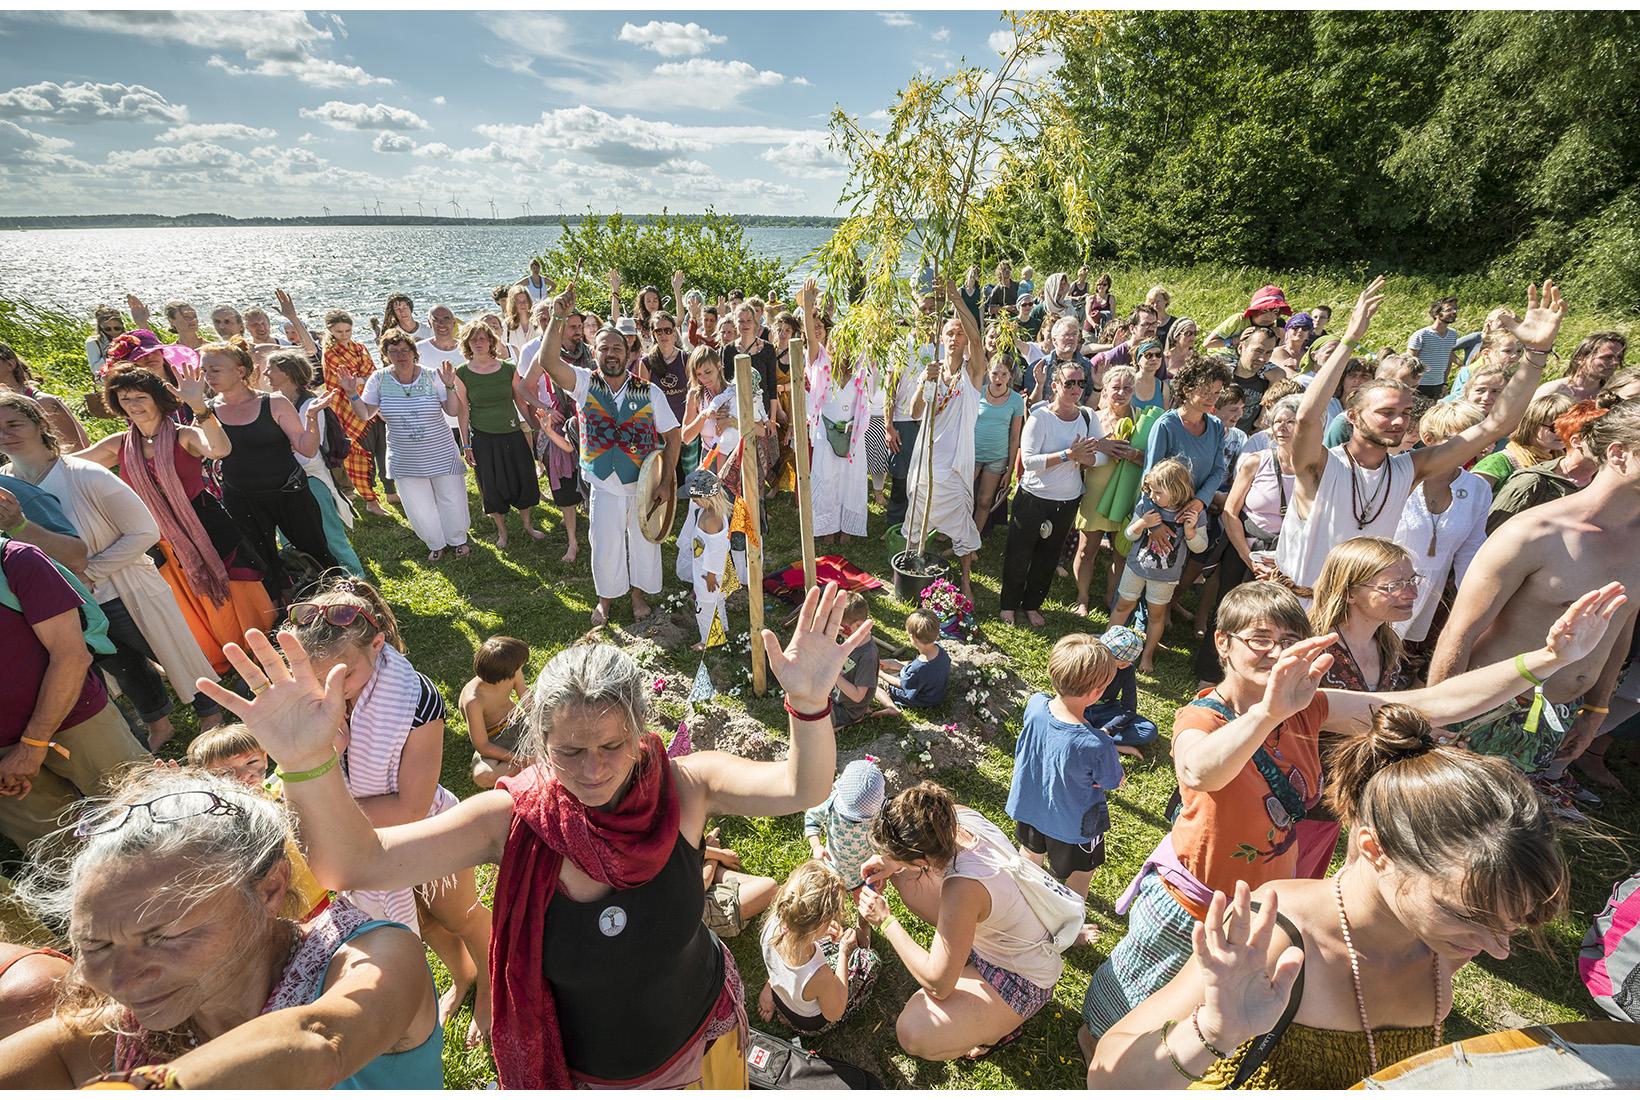 Yoga Love Festival auf der Insel Plauer Werder. Mecklenburg, 17.06.2017